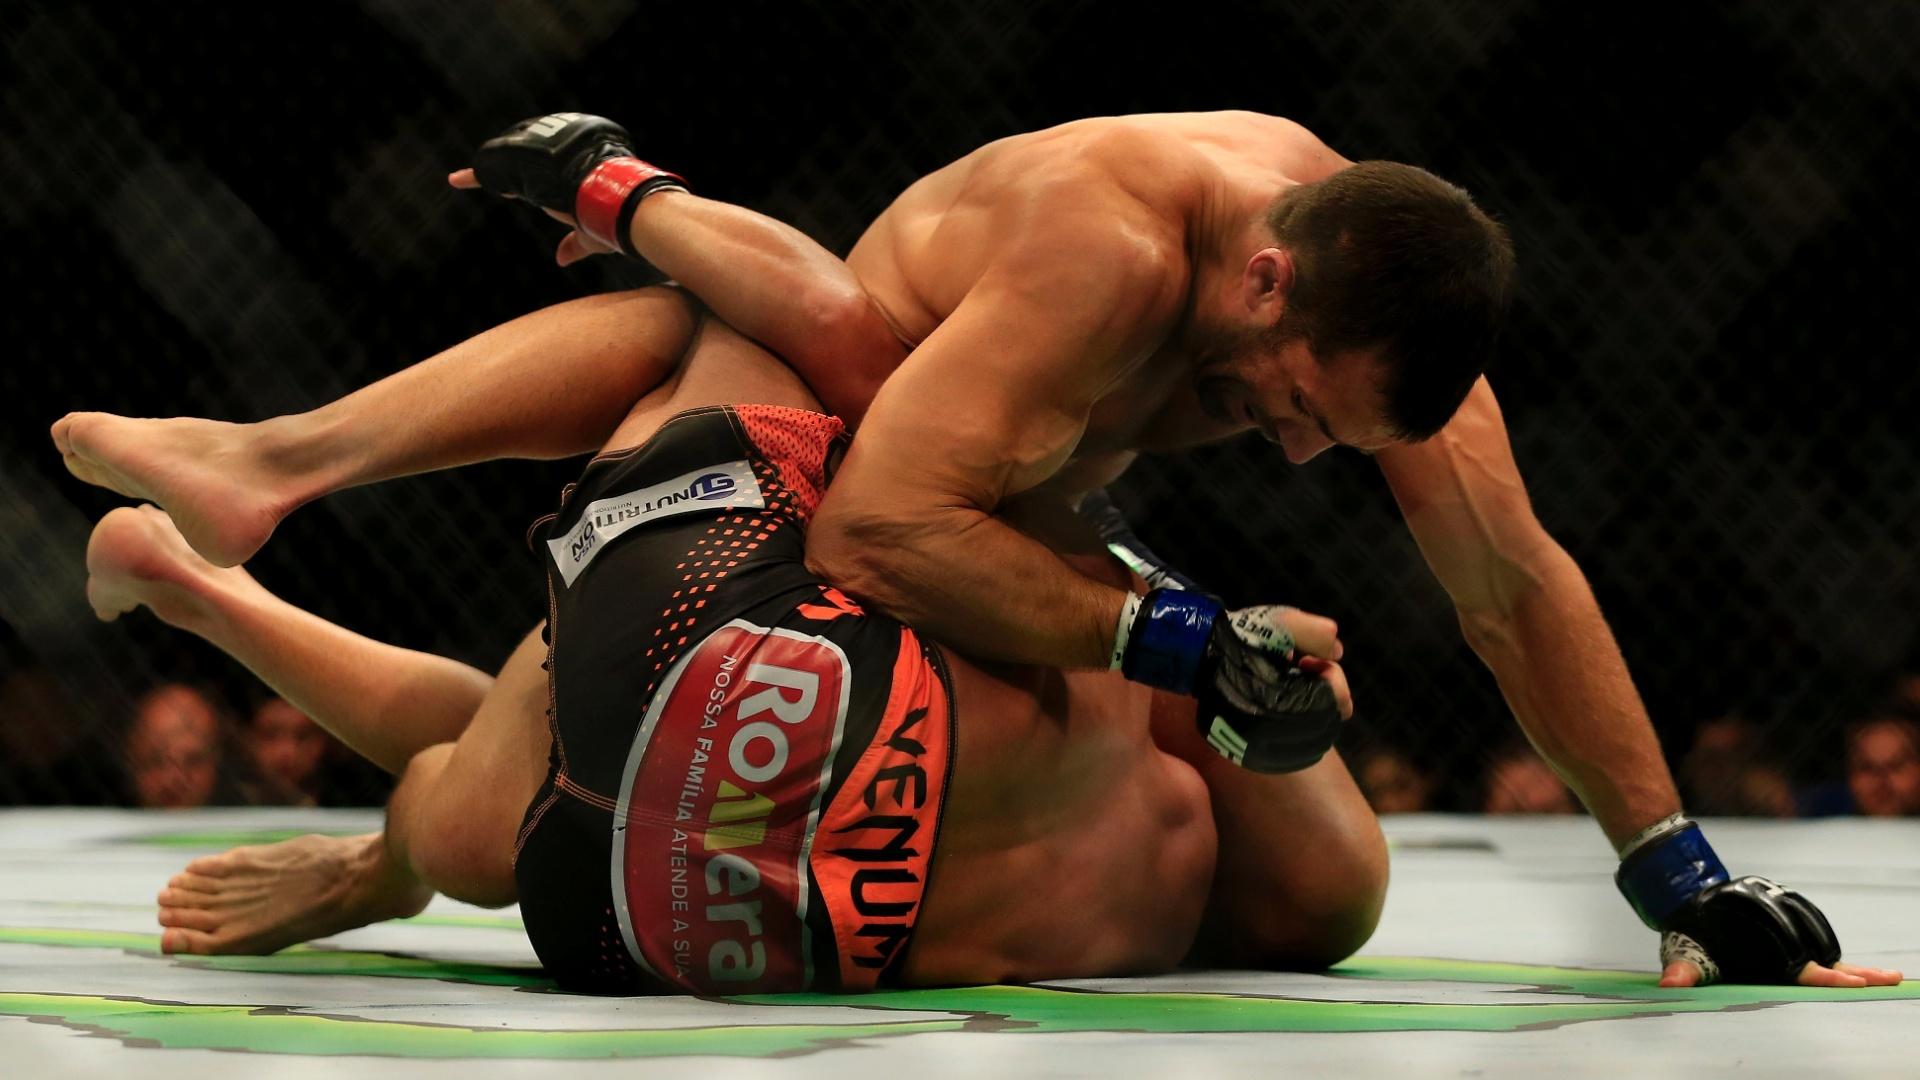 Luke Rockhold castiga Lyoto Machida na luta no chão até finalizar o brasileiro no UFC Fight Night em New Jersey